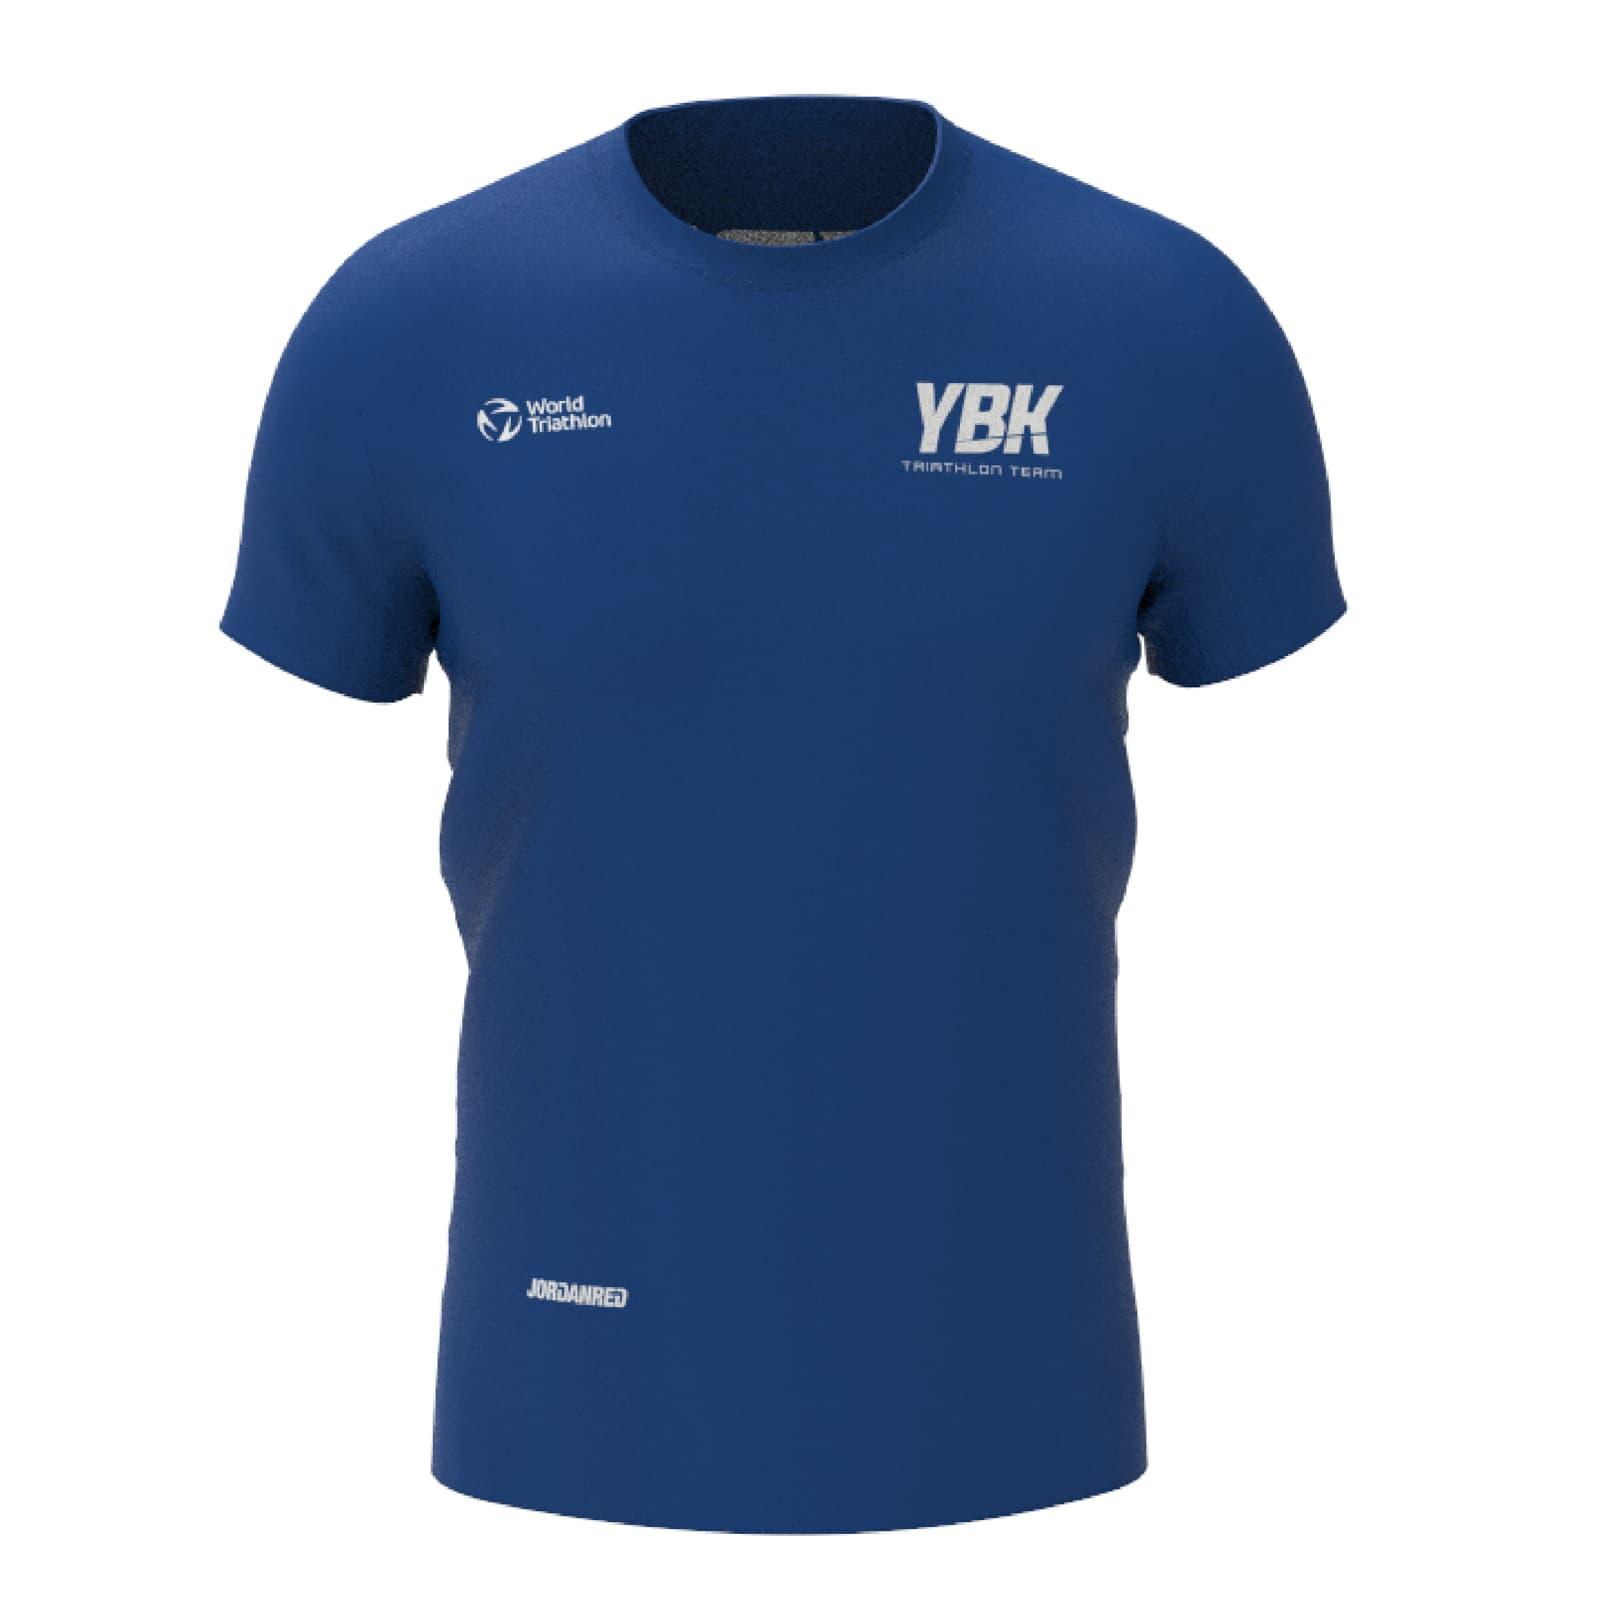 YBK Tshirt